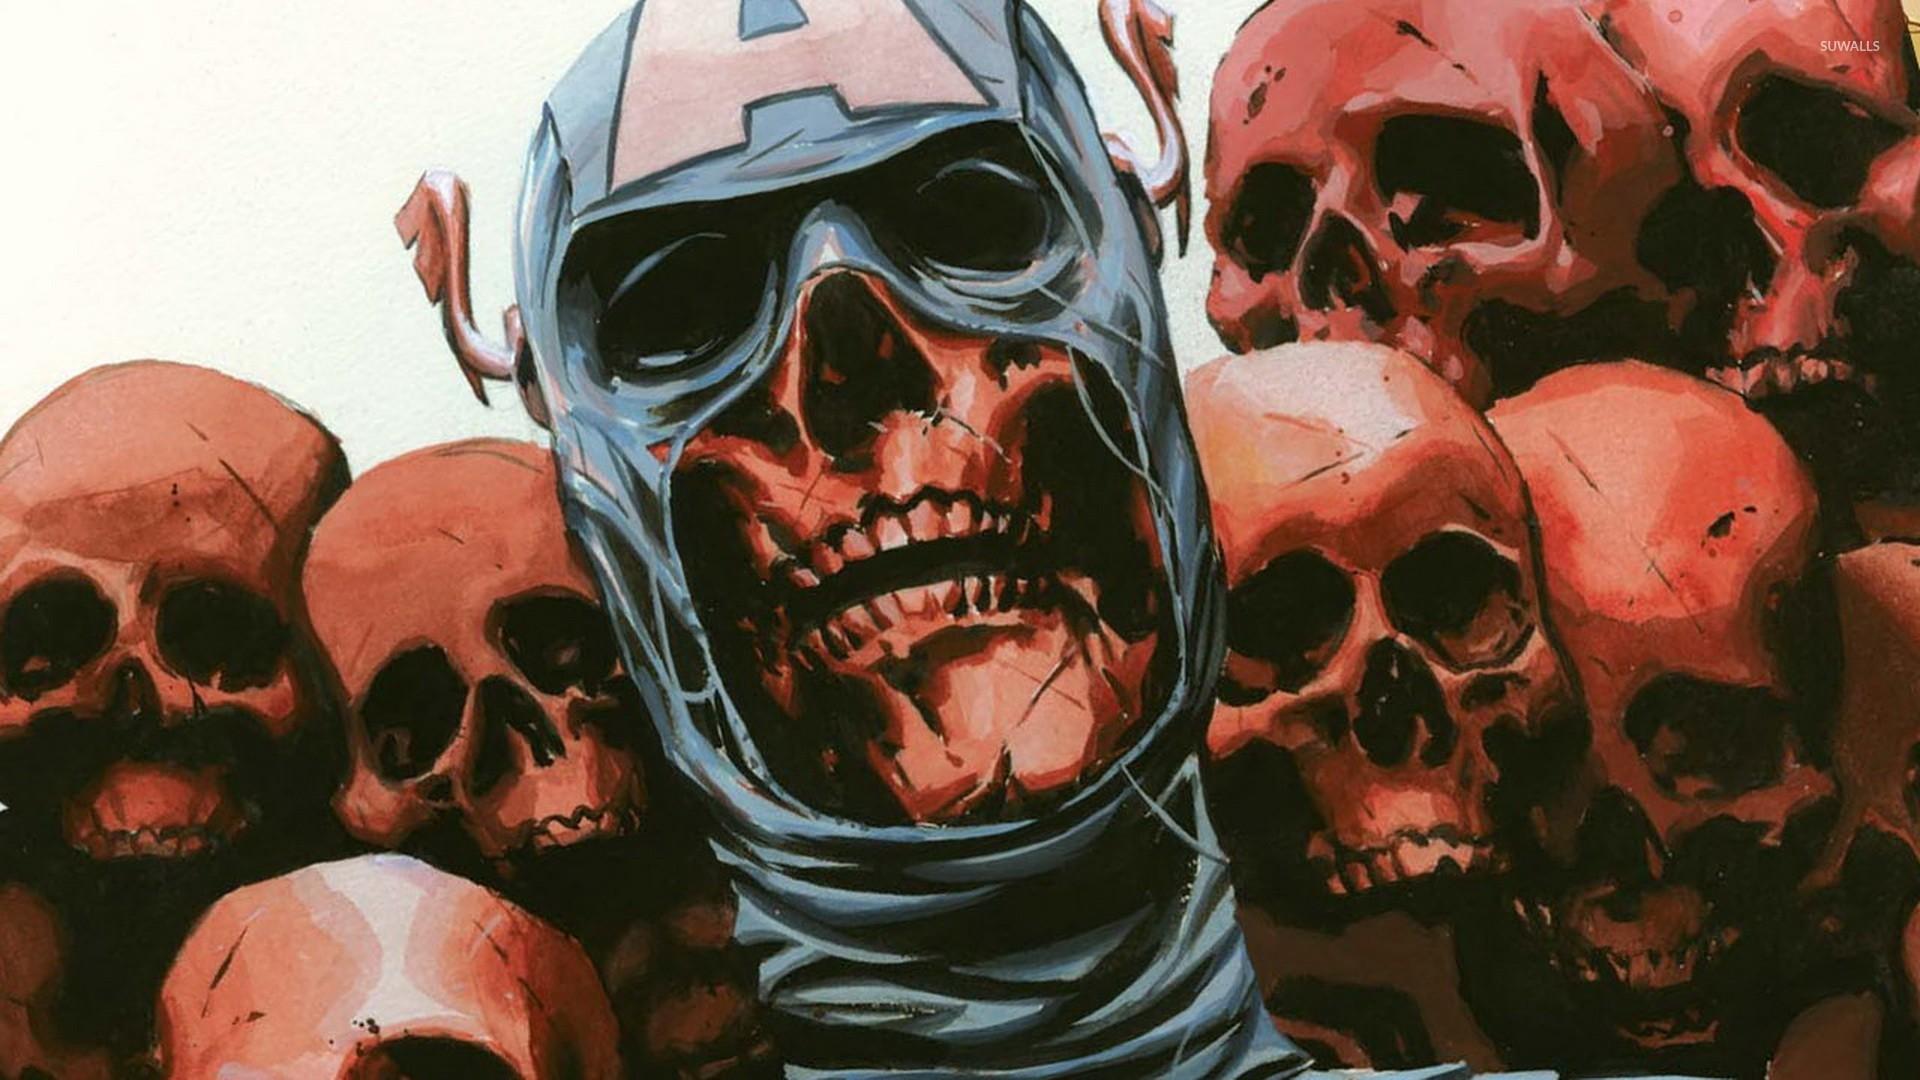 Batman Joker Quotes Hd Wallpapers Captain America In Onslaught Reborn Wallpaper Comic